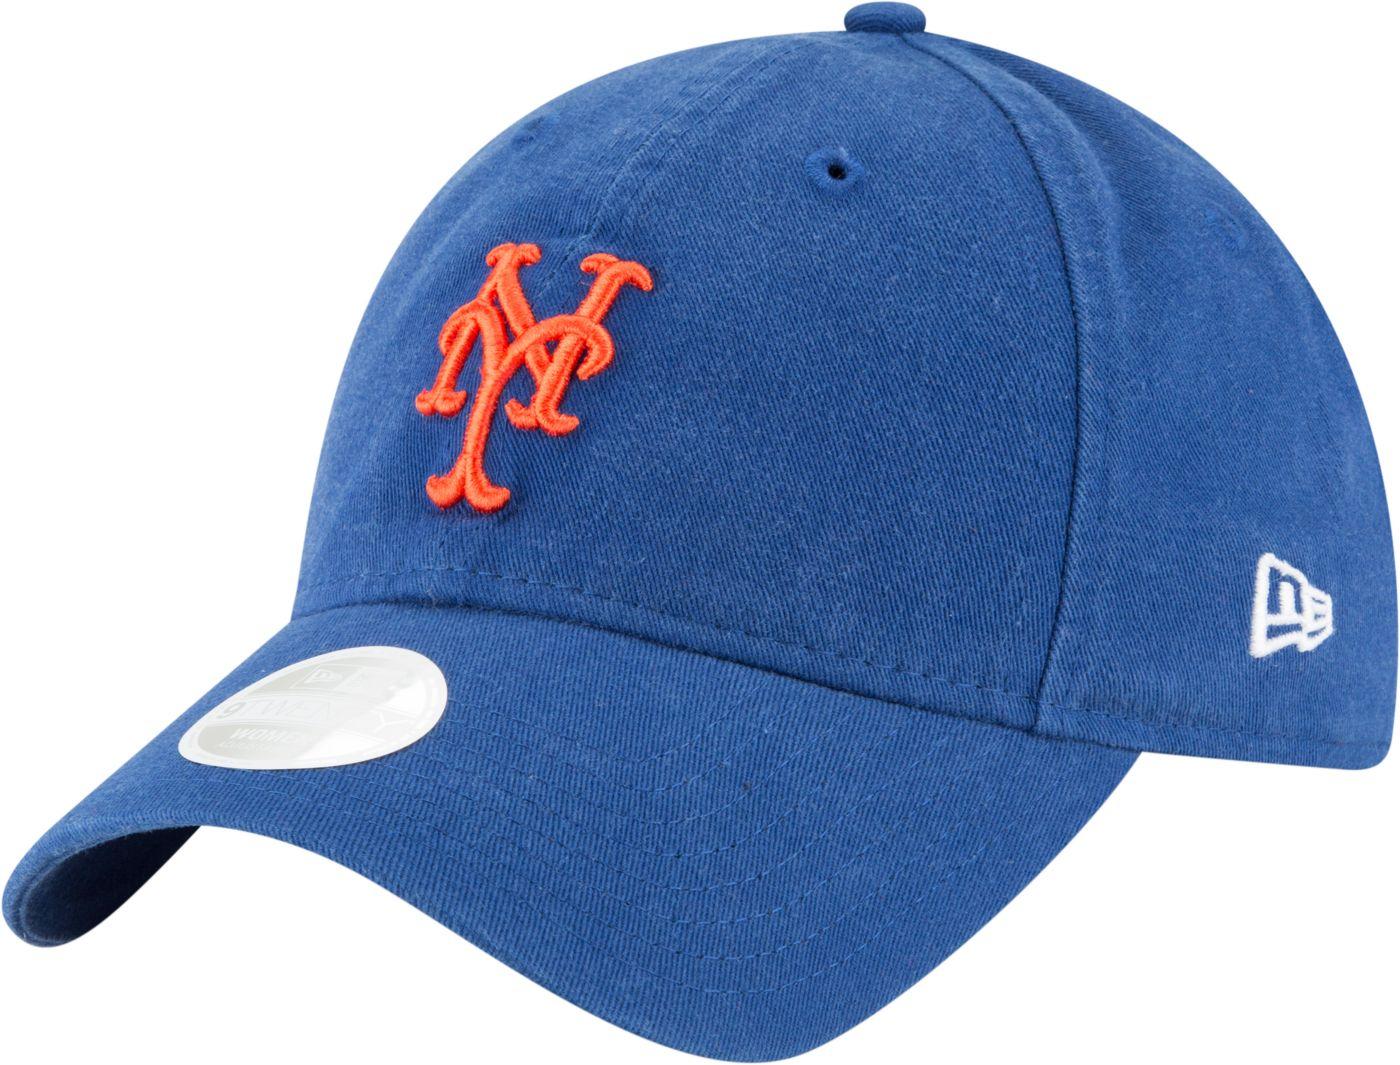 New Era Women's New York Mets 9Twenty Adjustable Hat